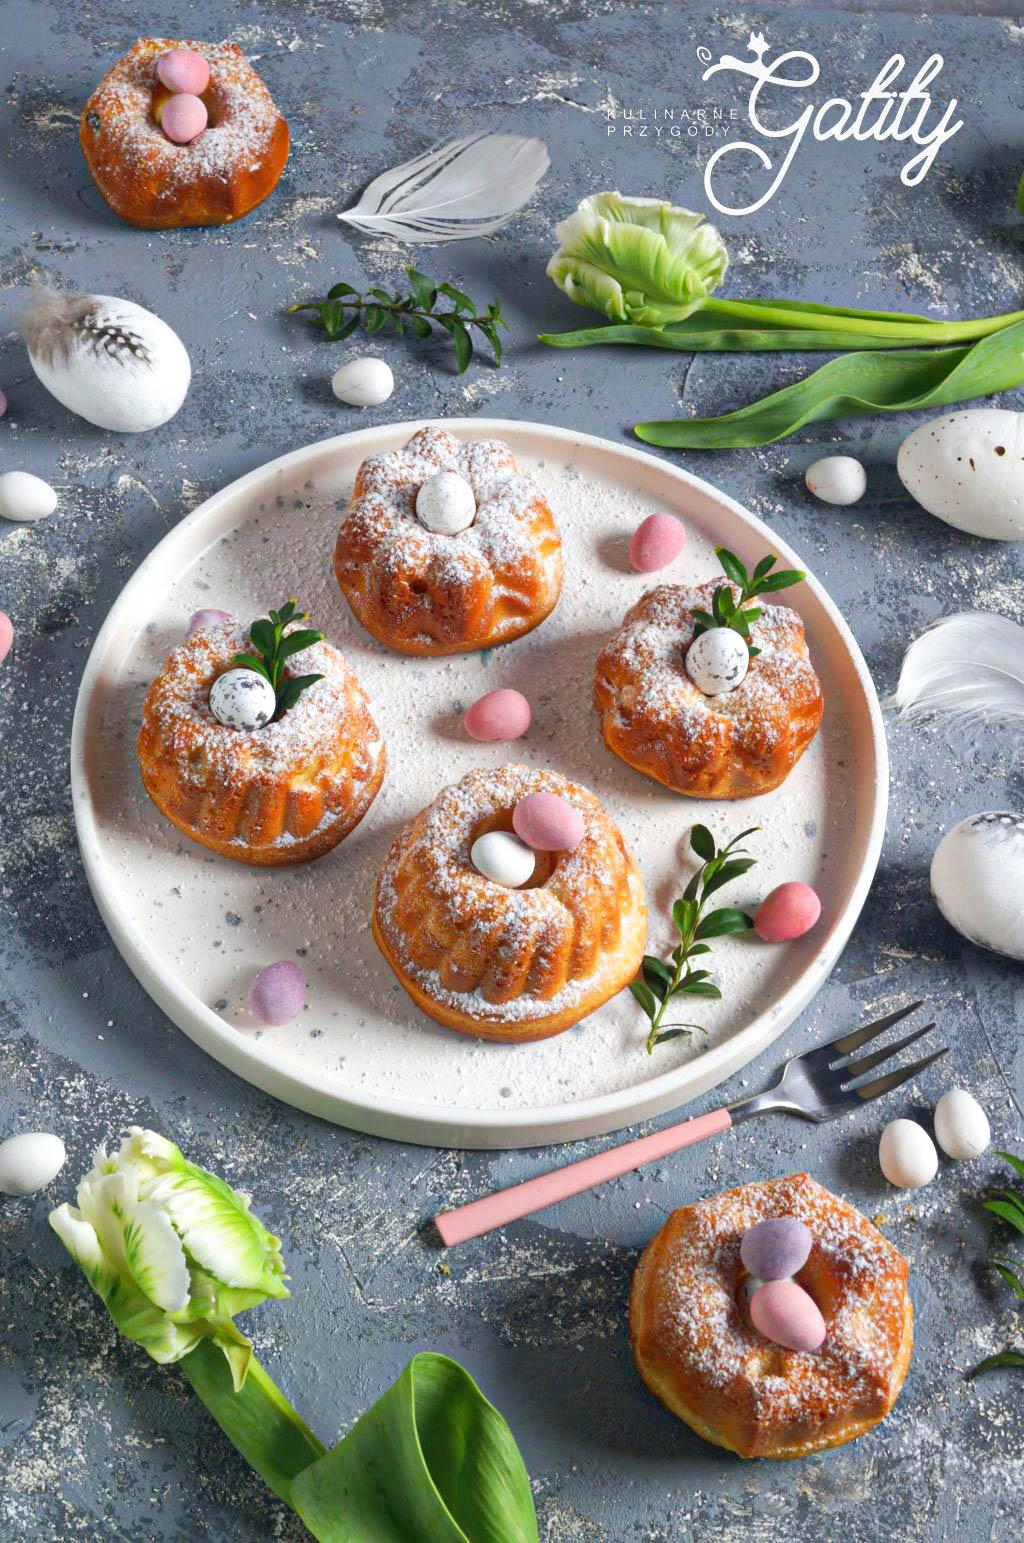 okragle-ciasta-z-kolorowymi-jajkami